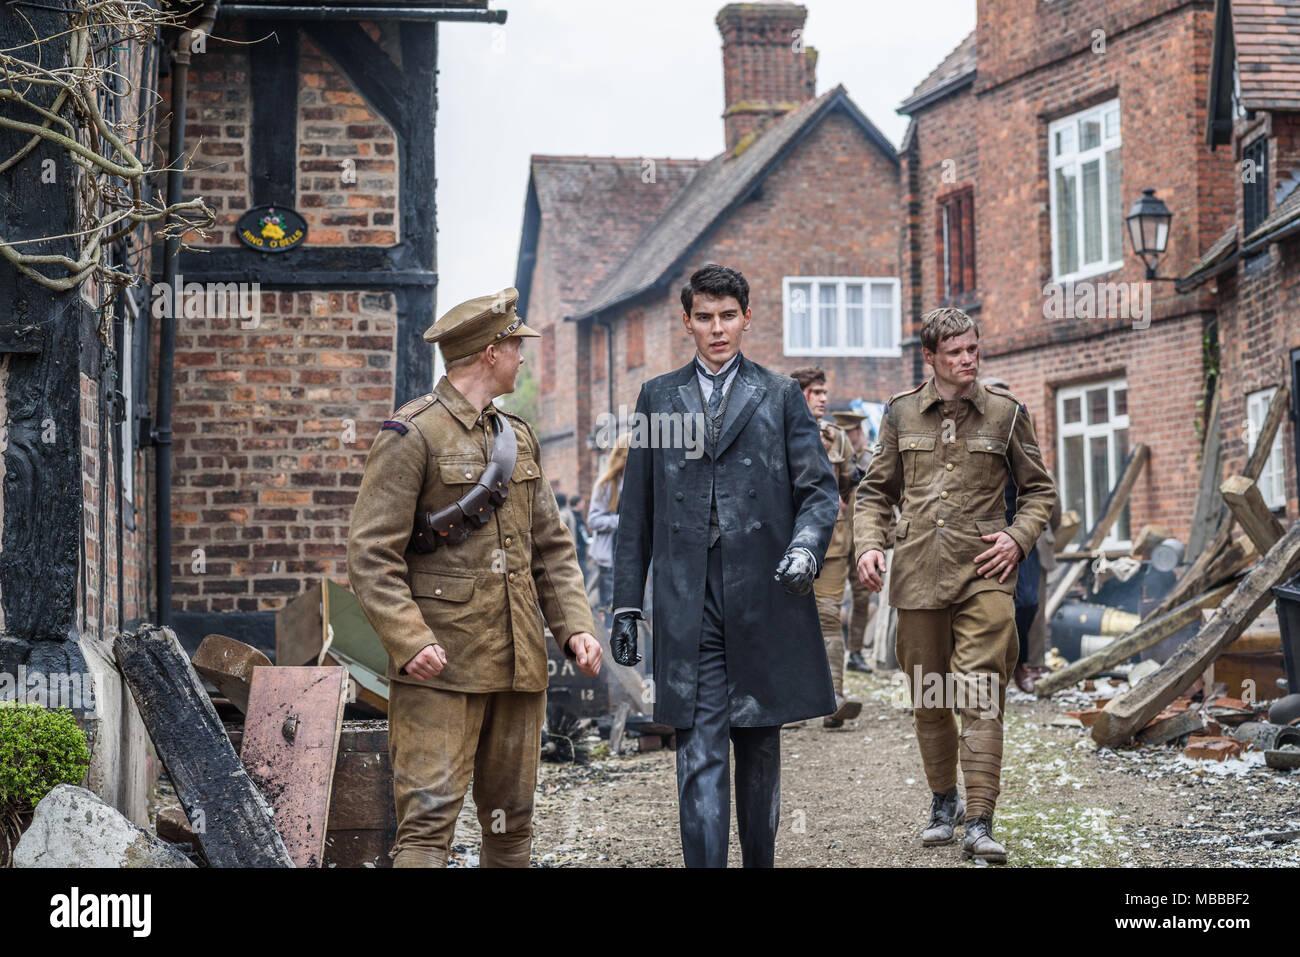 great-budworth-uk-9th-april-2018-actors-